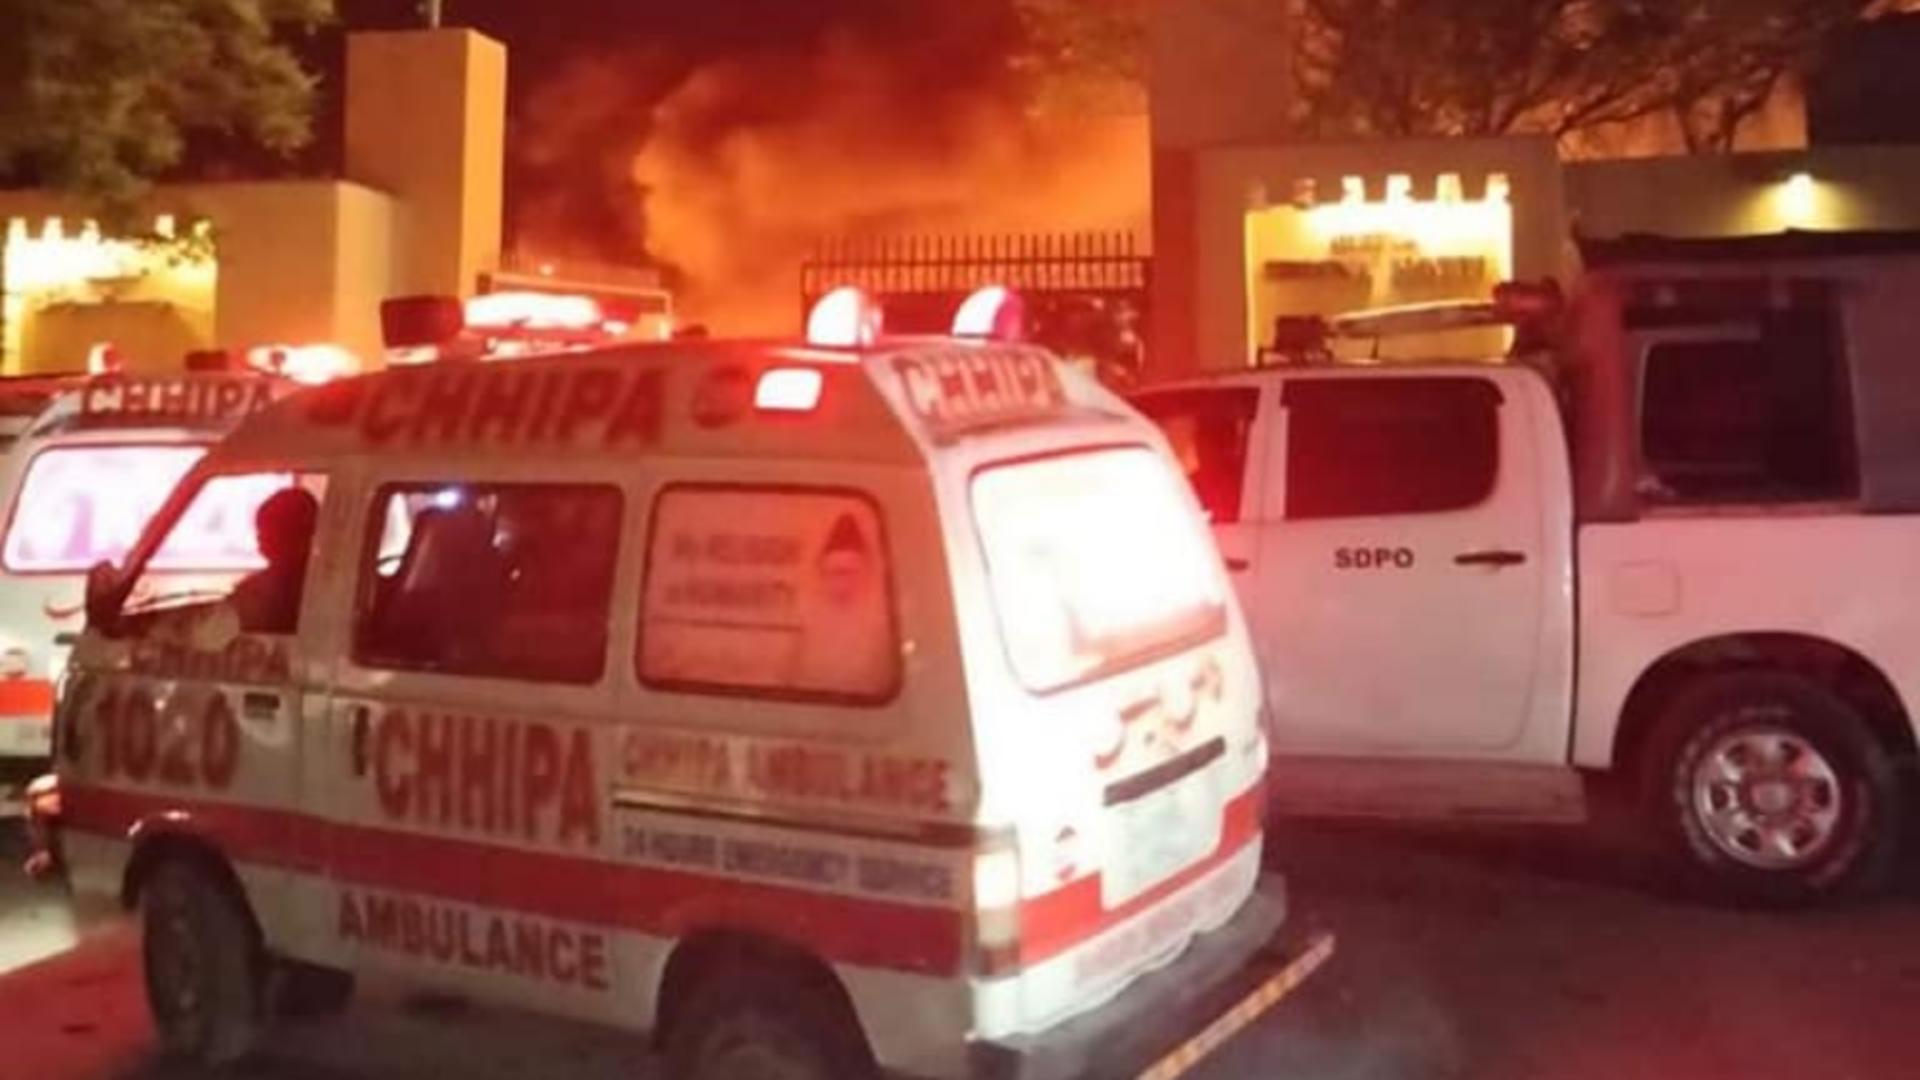 Explozie la un hotel din Pakistan. Cel puțin 3 oameni au murit, iar 11 au fost răniți. Foto/Facebook